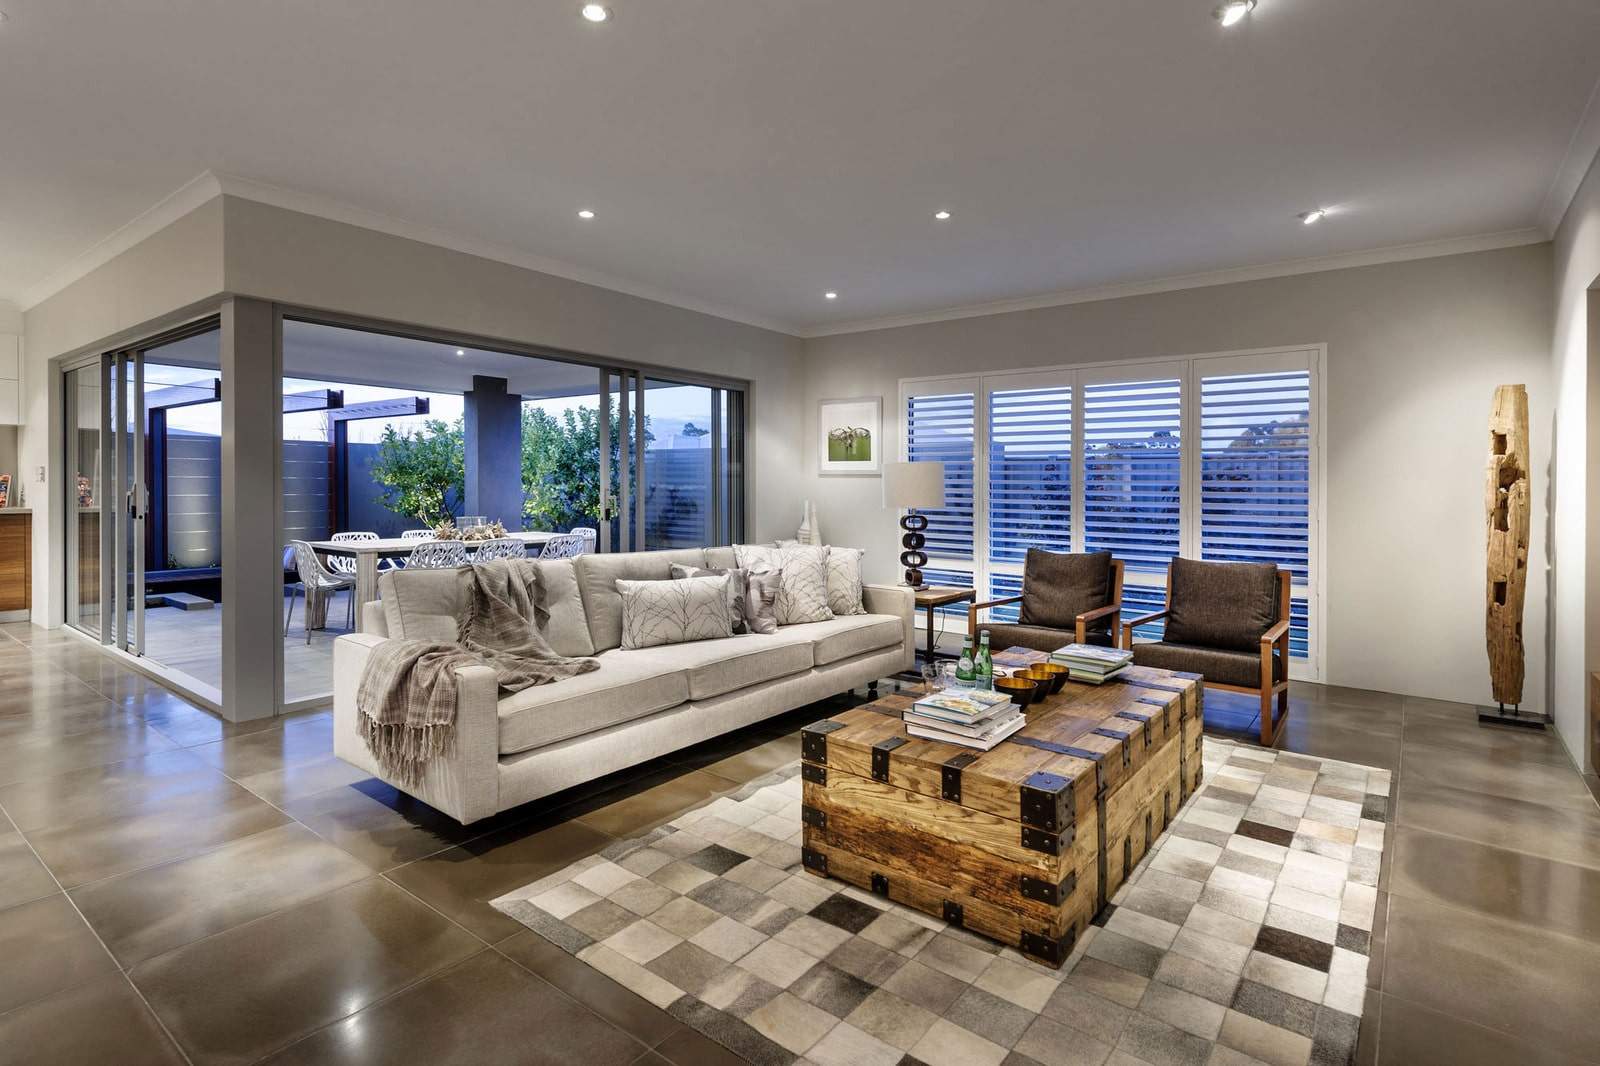 Dise o de casa moderna de dos pisos fachada e interiores for Pisos interiores modernos